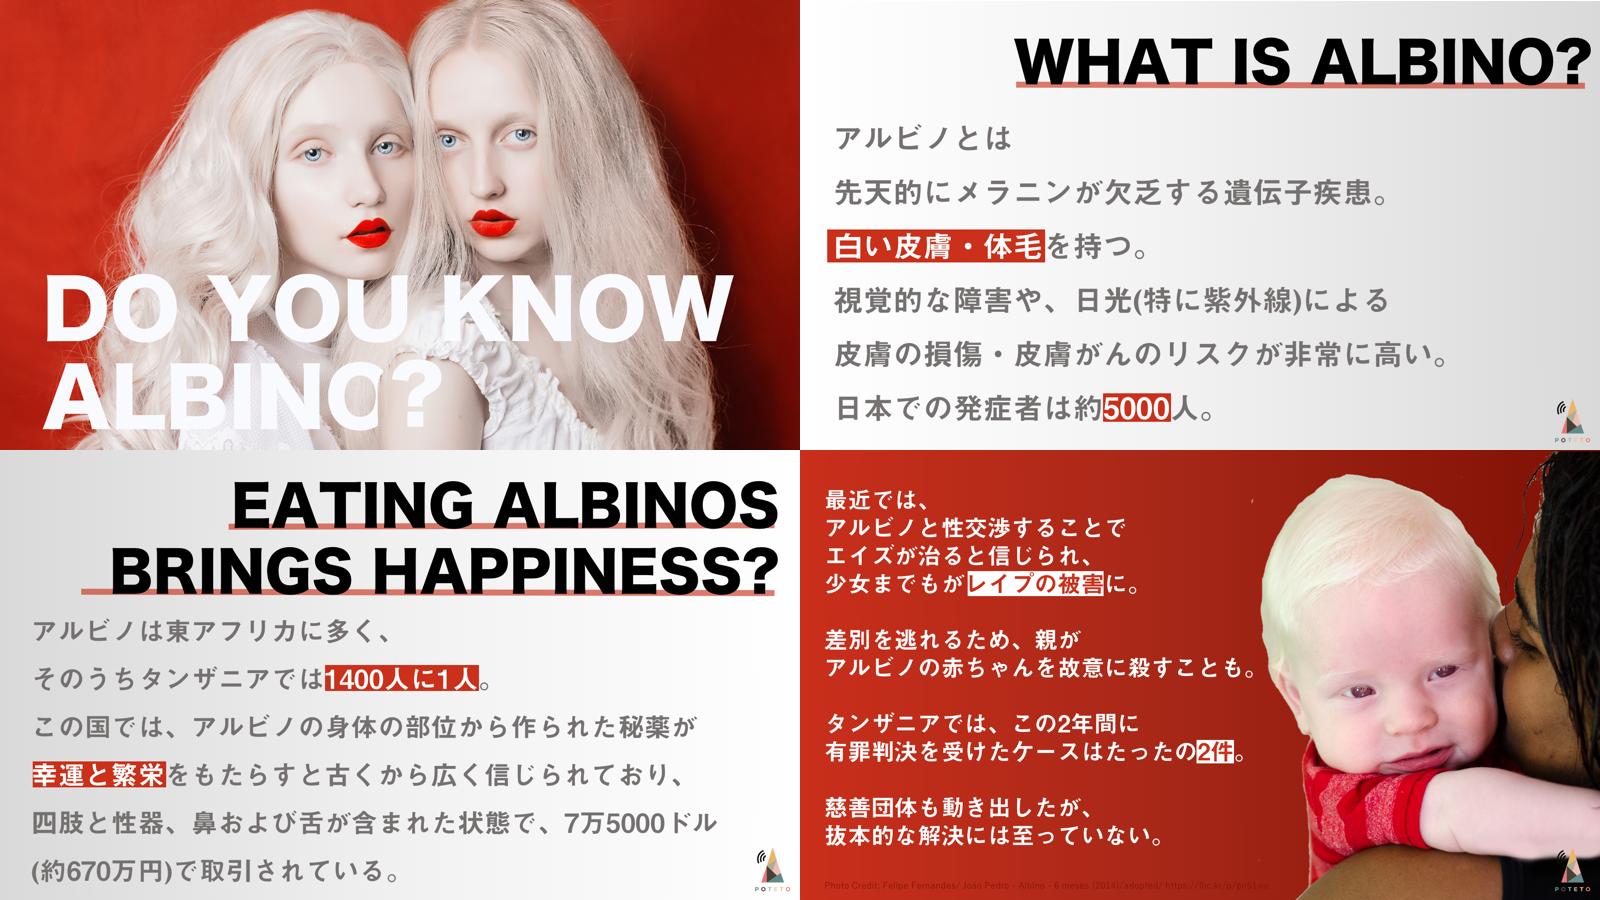 7fb8f1c748d490339c64aa37f2515920 - アルビノを知っていますか?